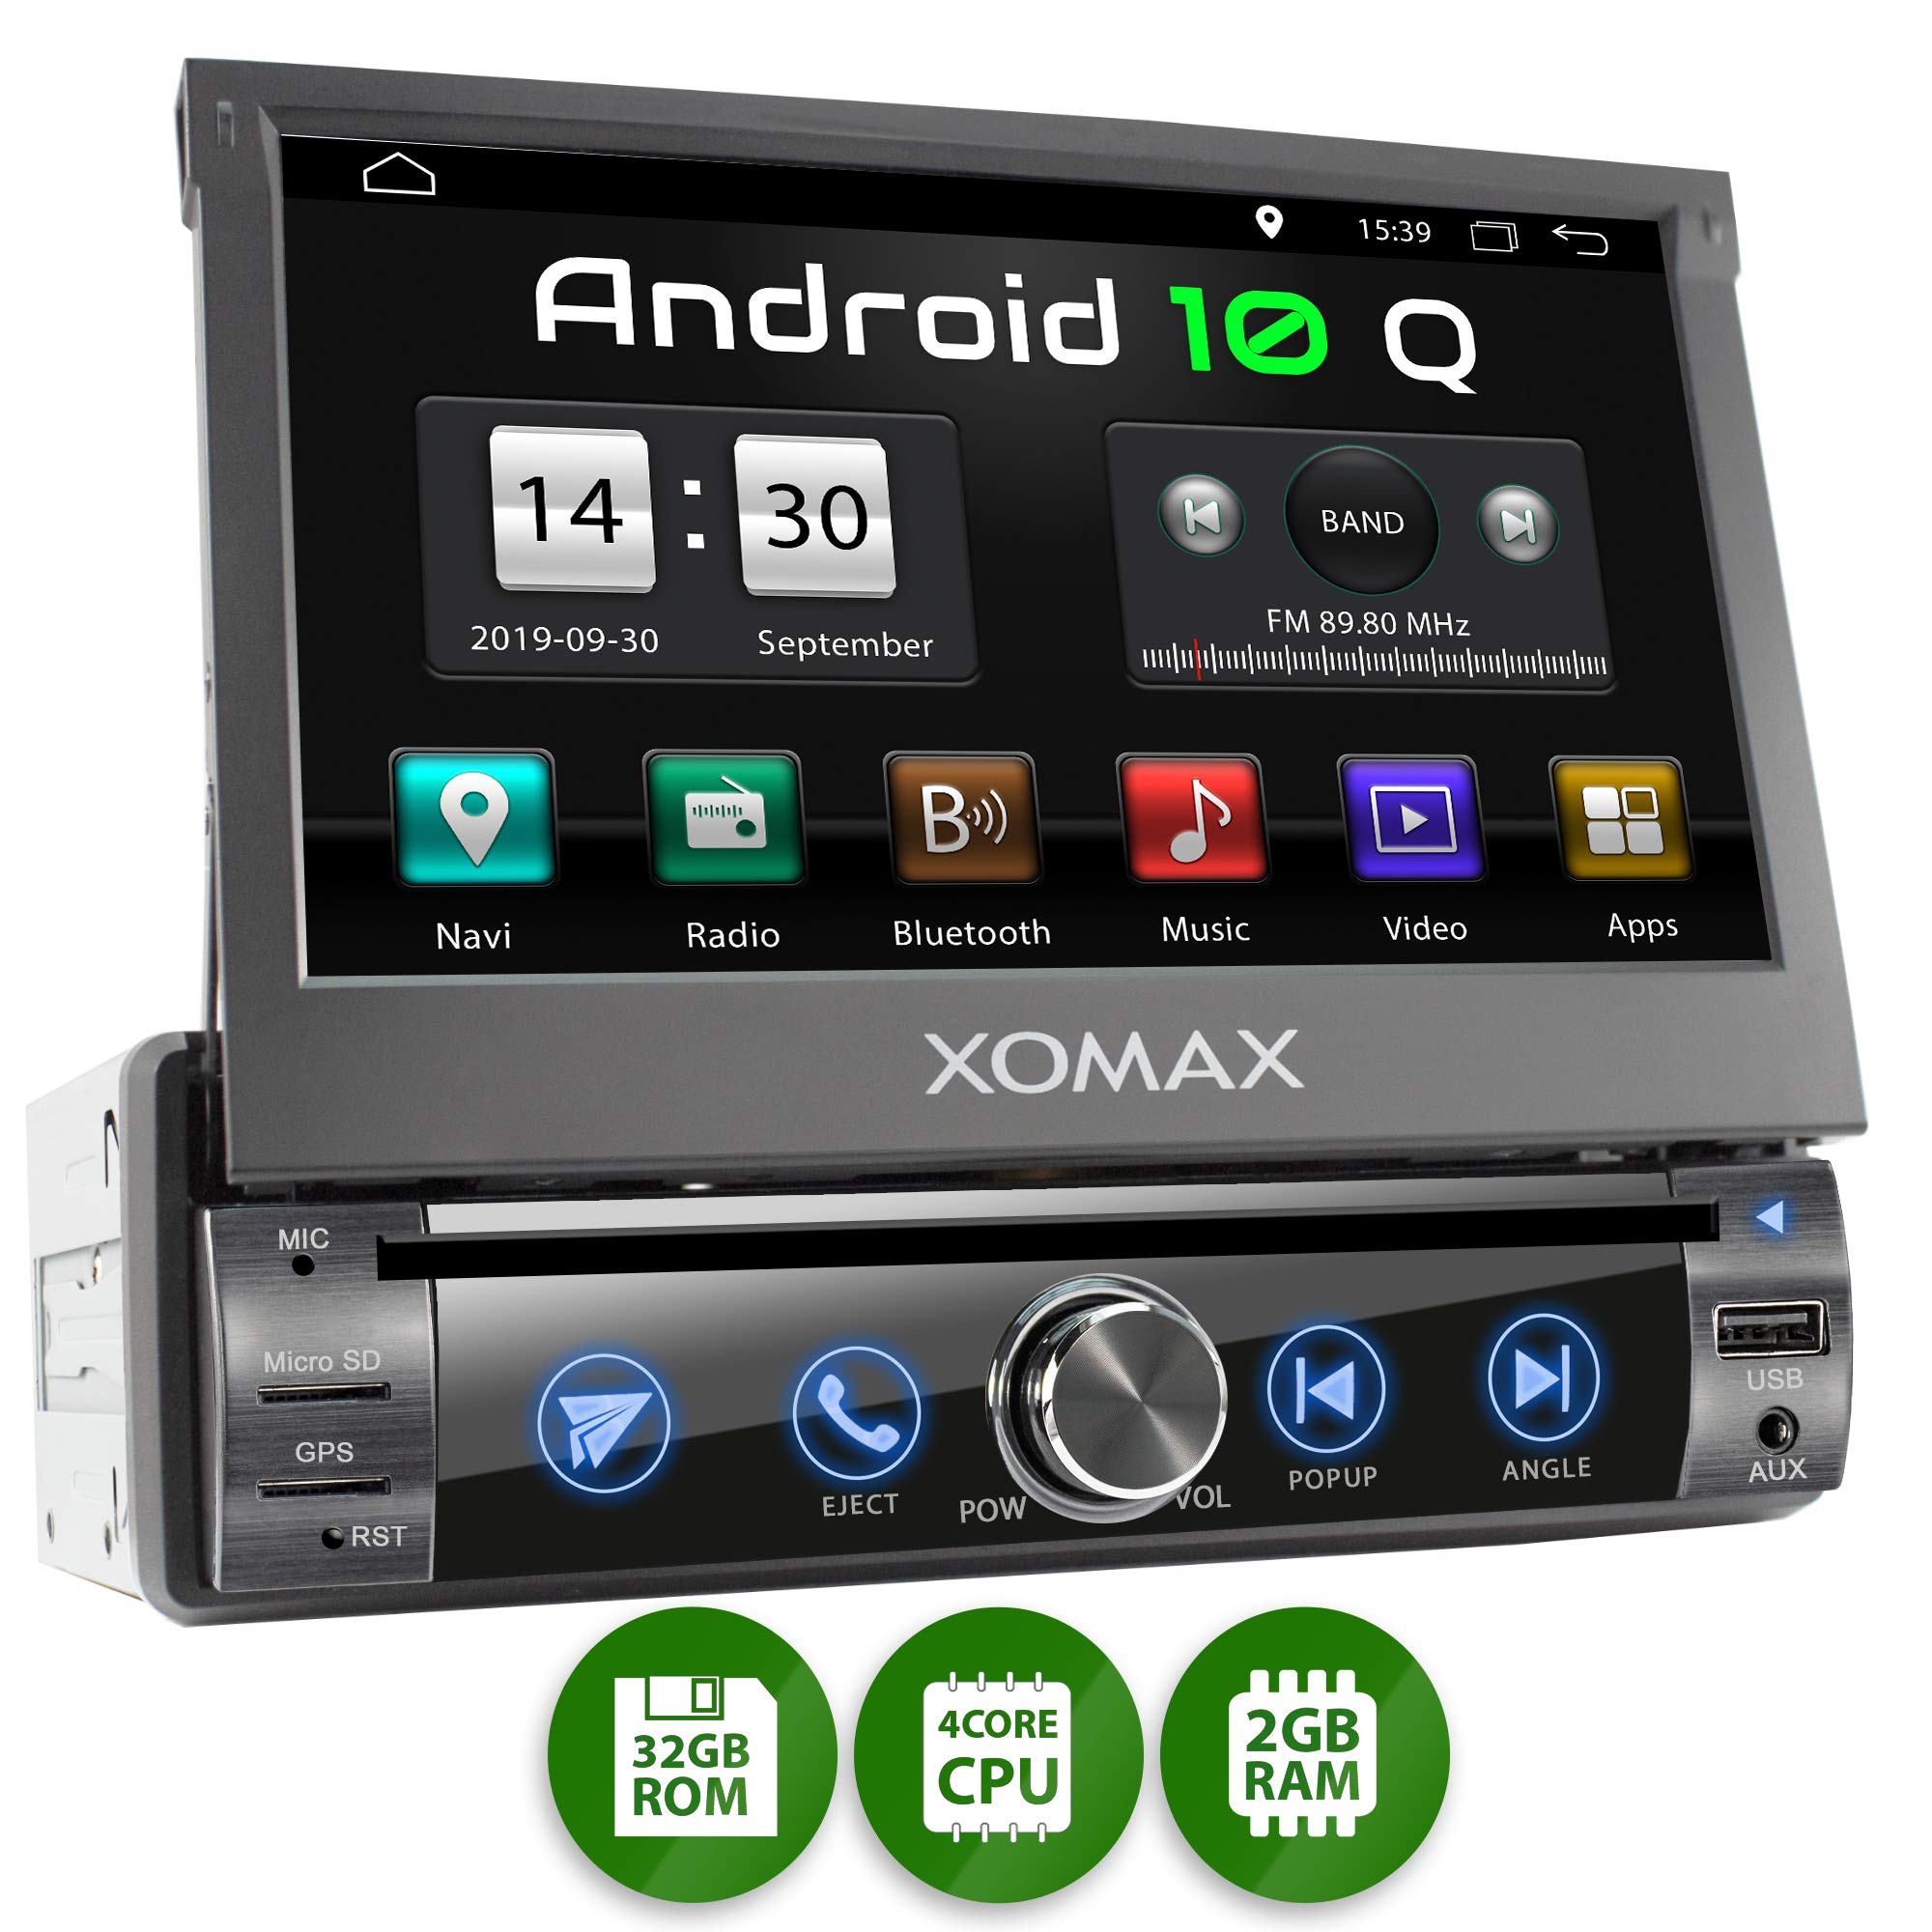 XOMAX XM-DA759 Radio de Coche con Android 10 I Quad Core, 2GB RAM, 32GB ROM